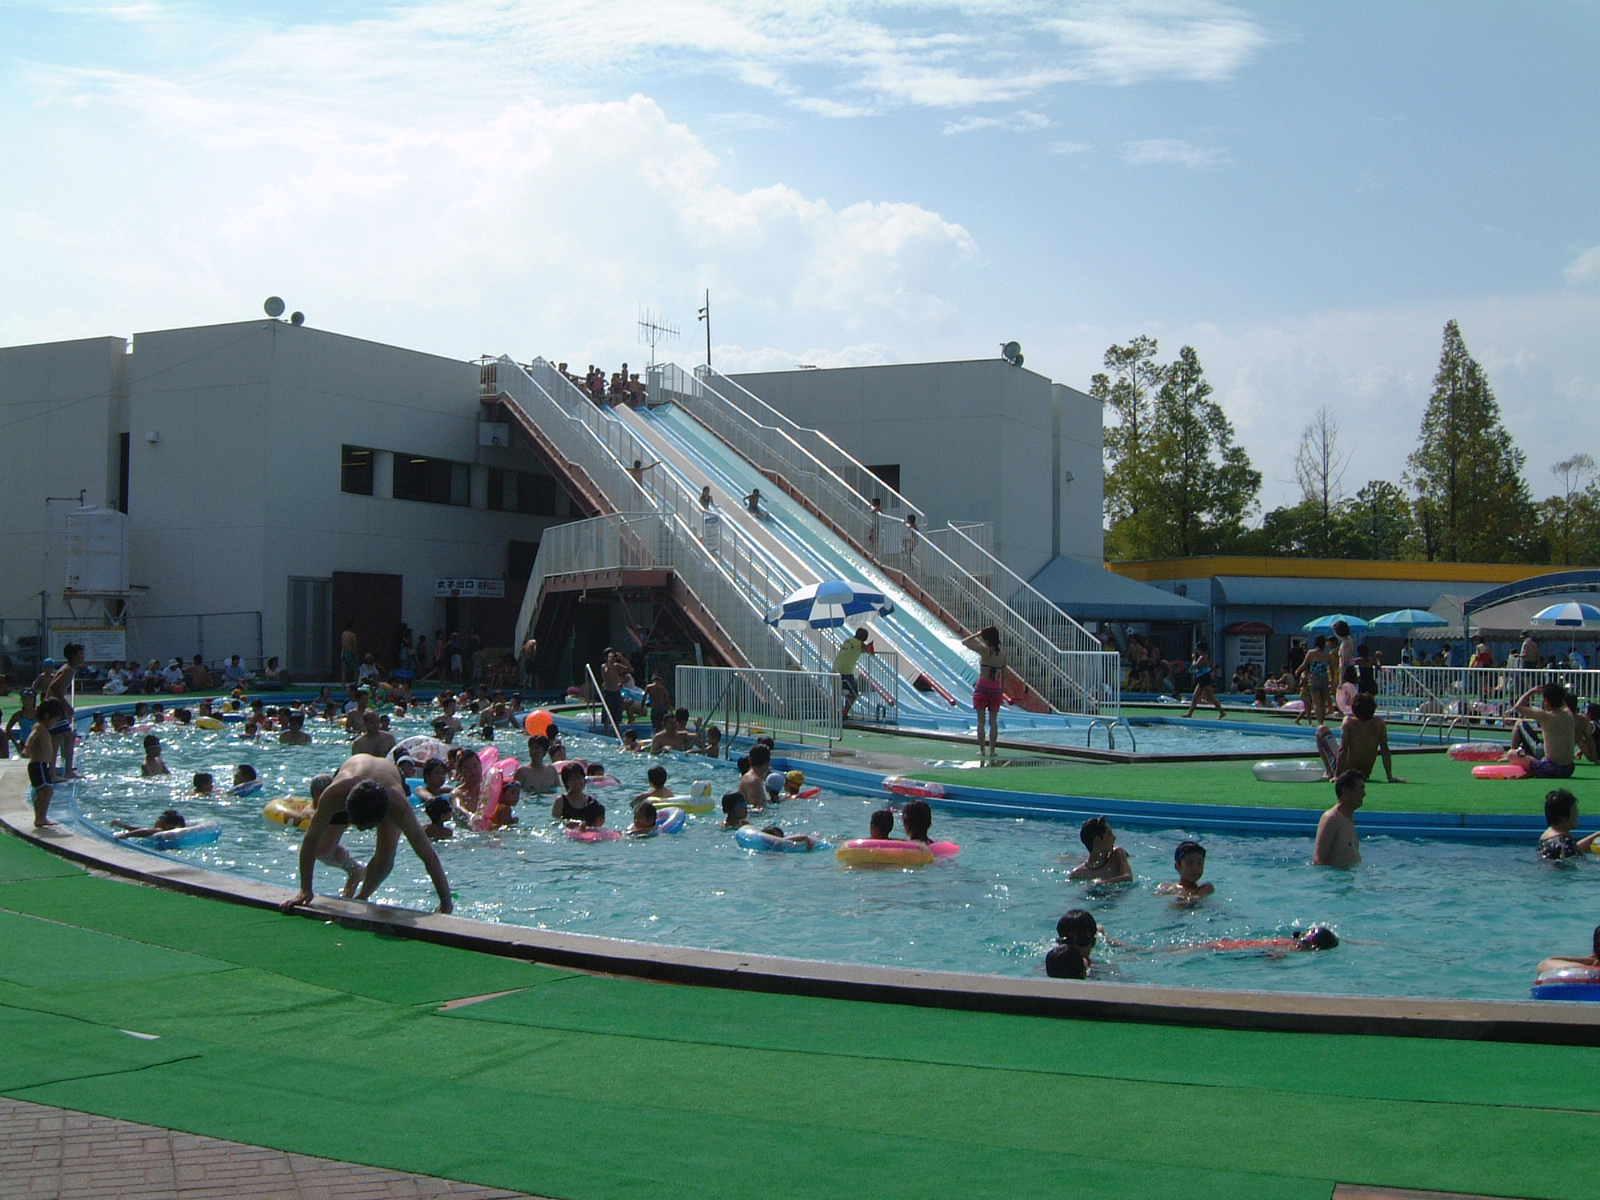 福山市メモリアルパークのプール2015年開催情報